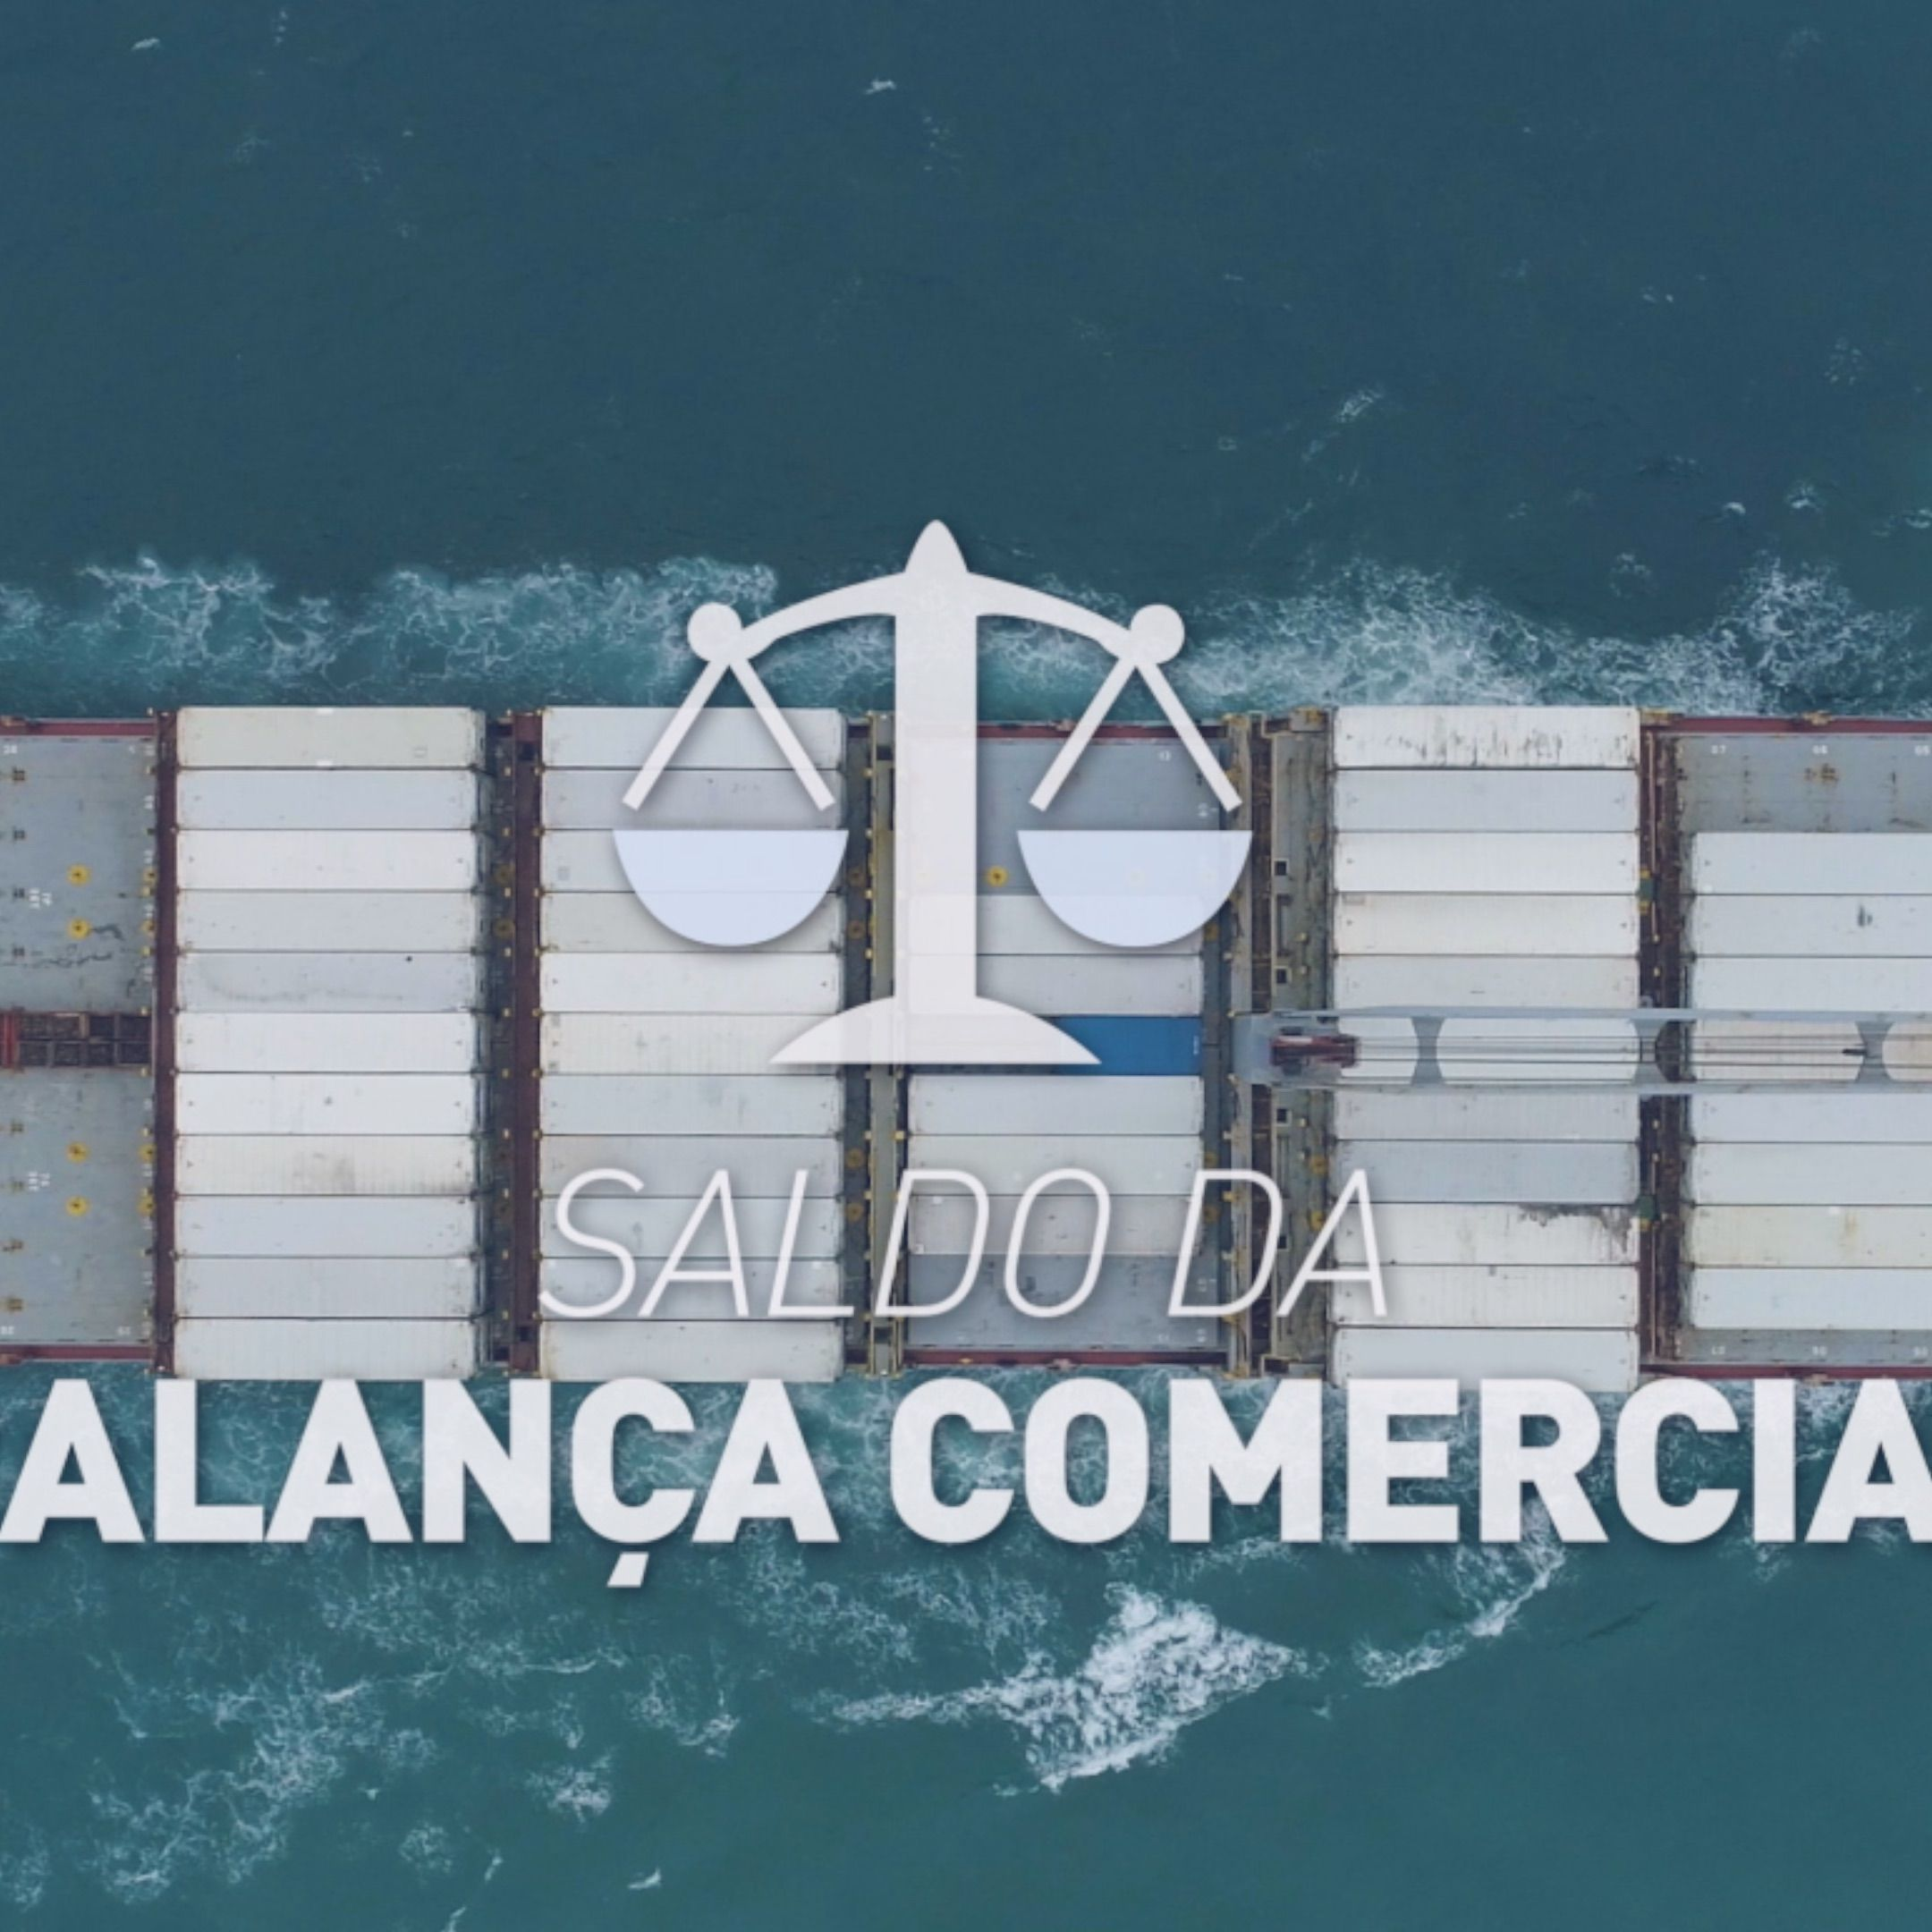 155. Balança Comercial (com José Manuel Fernandes)